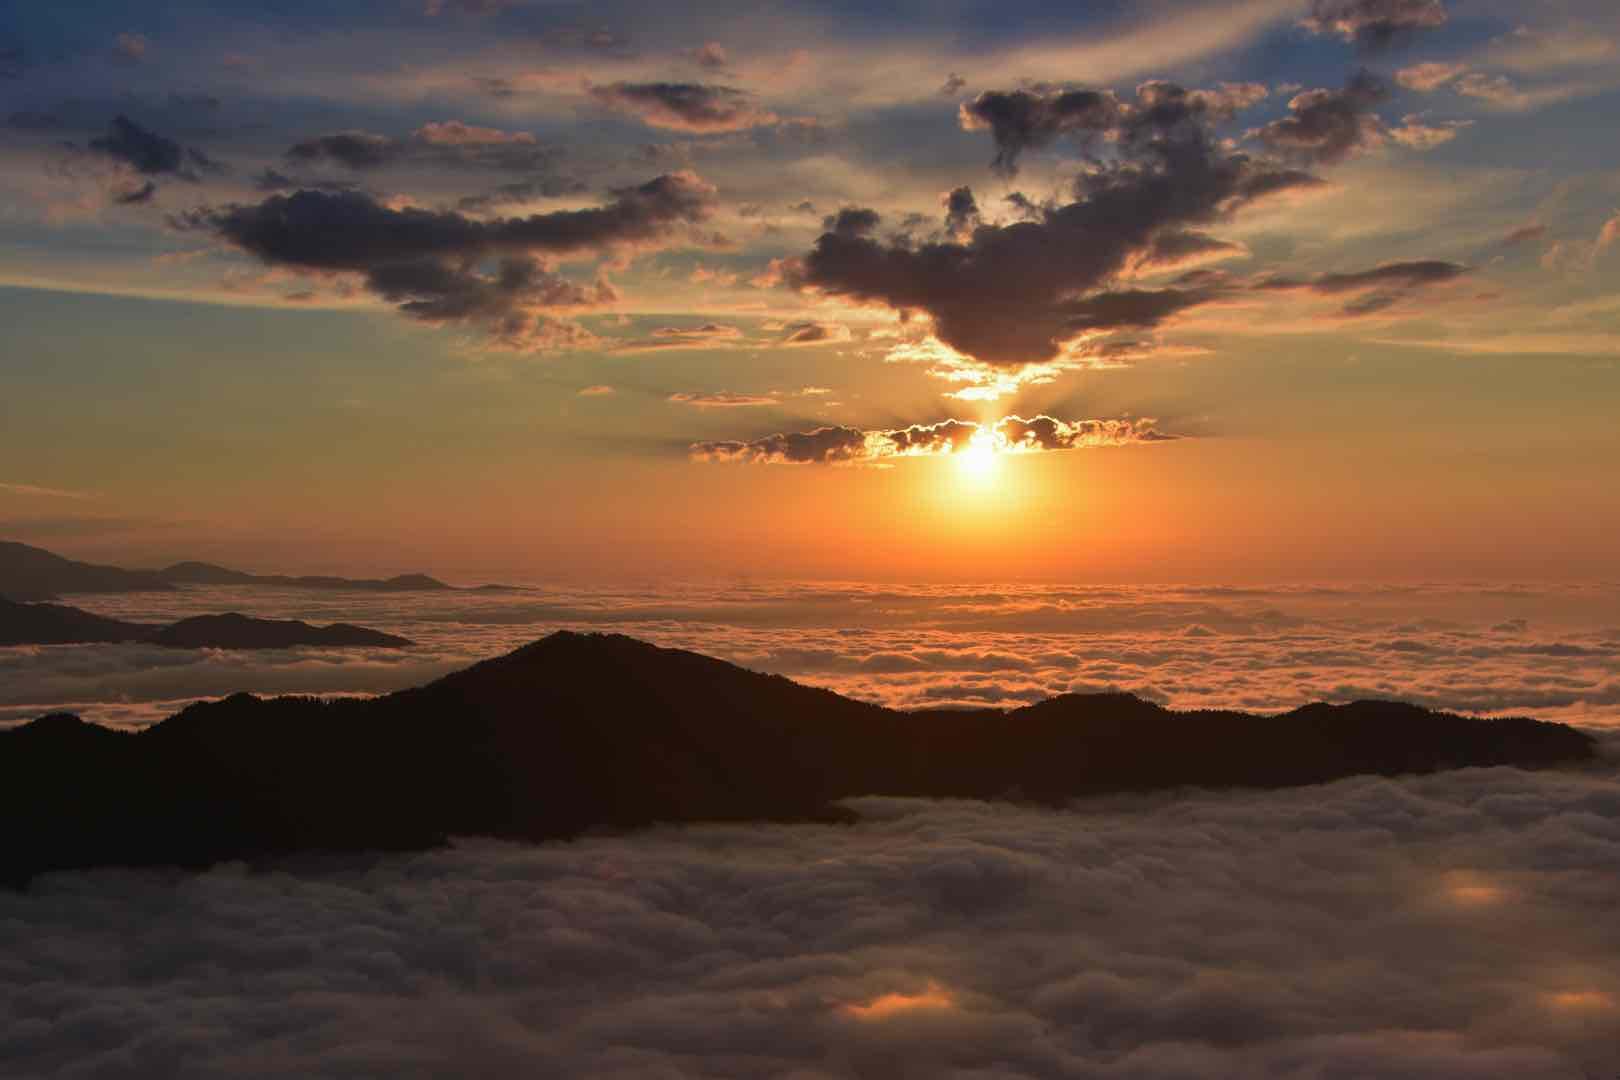 huser yaylasi bulut denizi